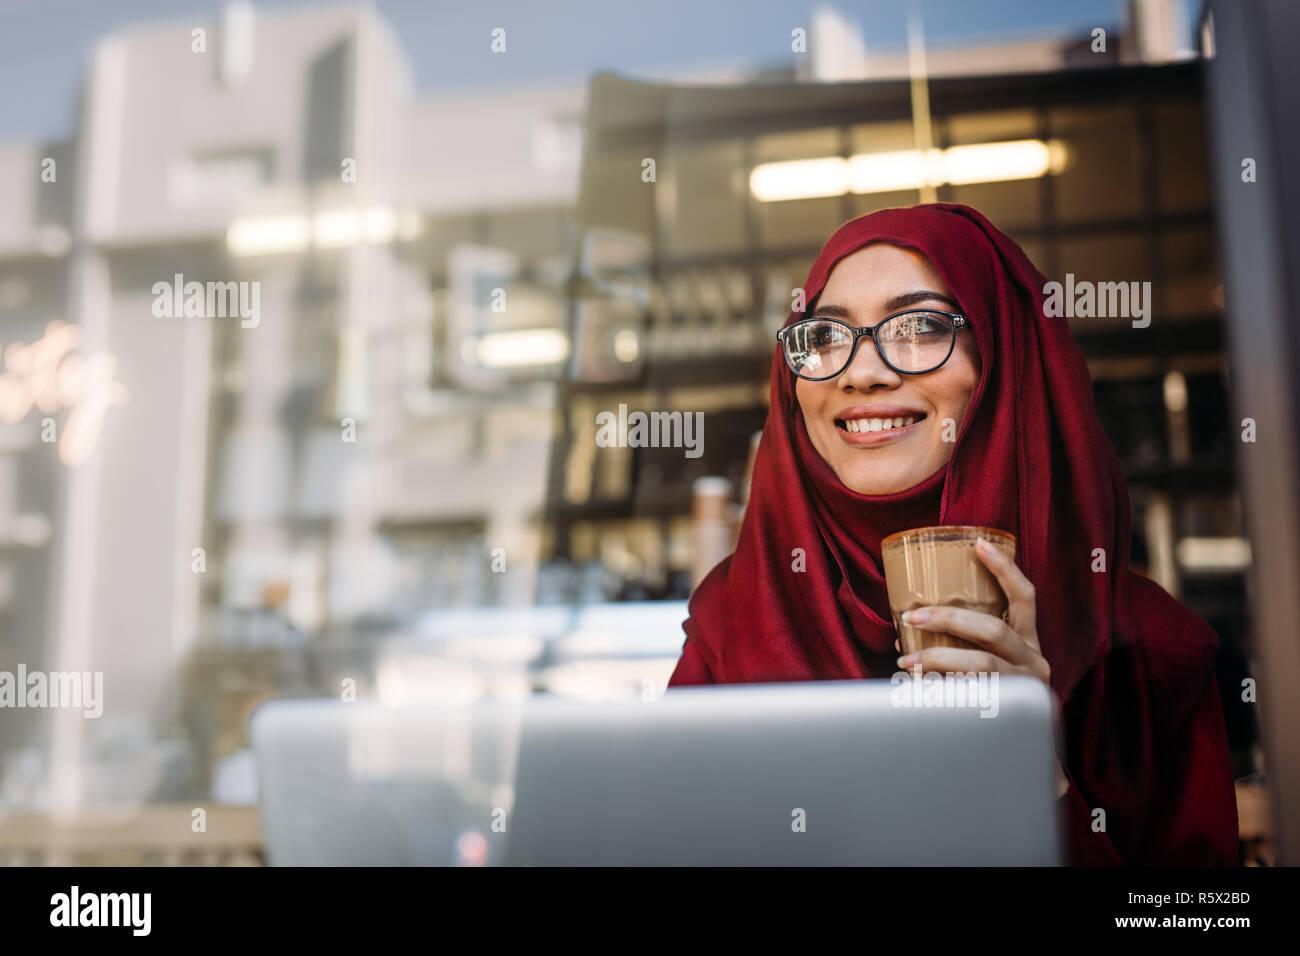 Hermosa mujer musulmana llevar el hijab y gafas relajantes en el cafe con una taza de café y mirando a otro lado con una encantadora sonrisa en su rostro. Feliz hija Imagen De Stock